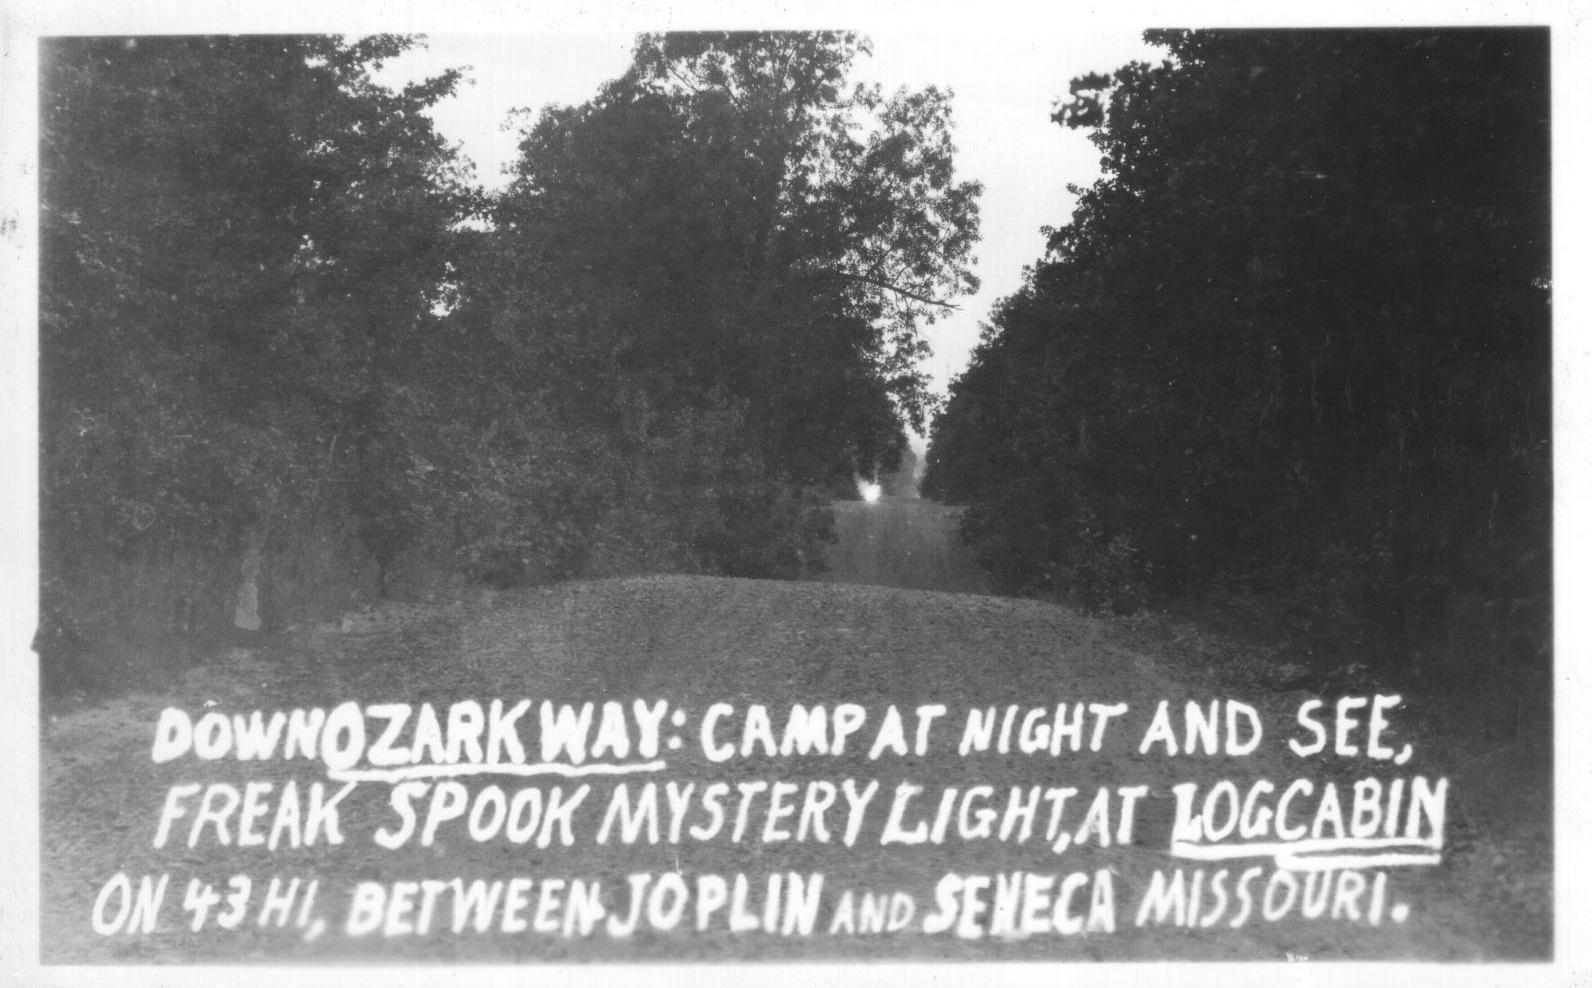 """Paseo del Diablo - La """"Luz Fantasma"""" de Missouri, un misterio que continúa sin explicación"""